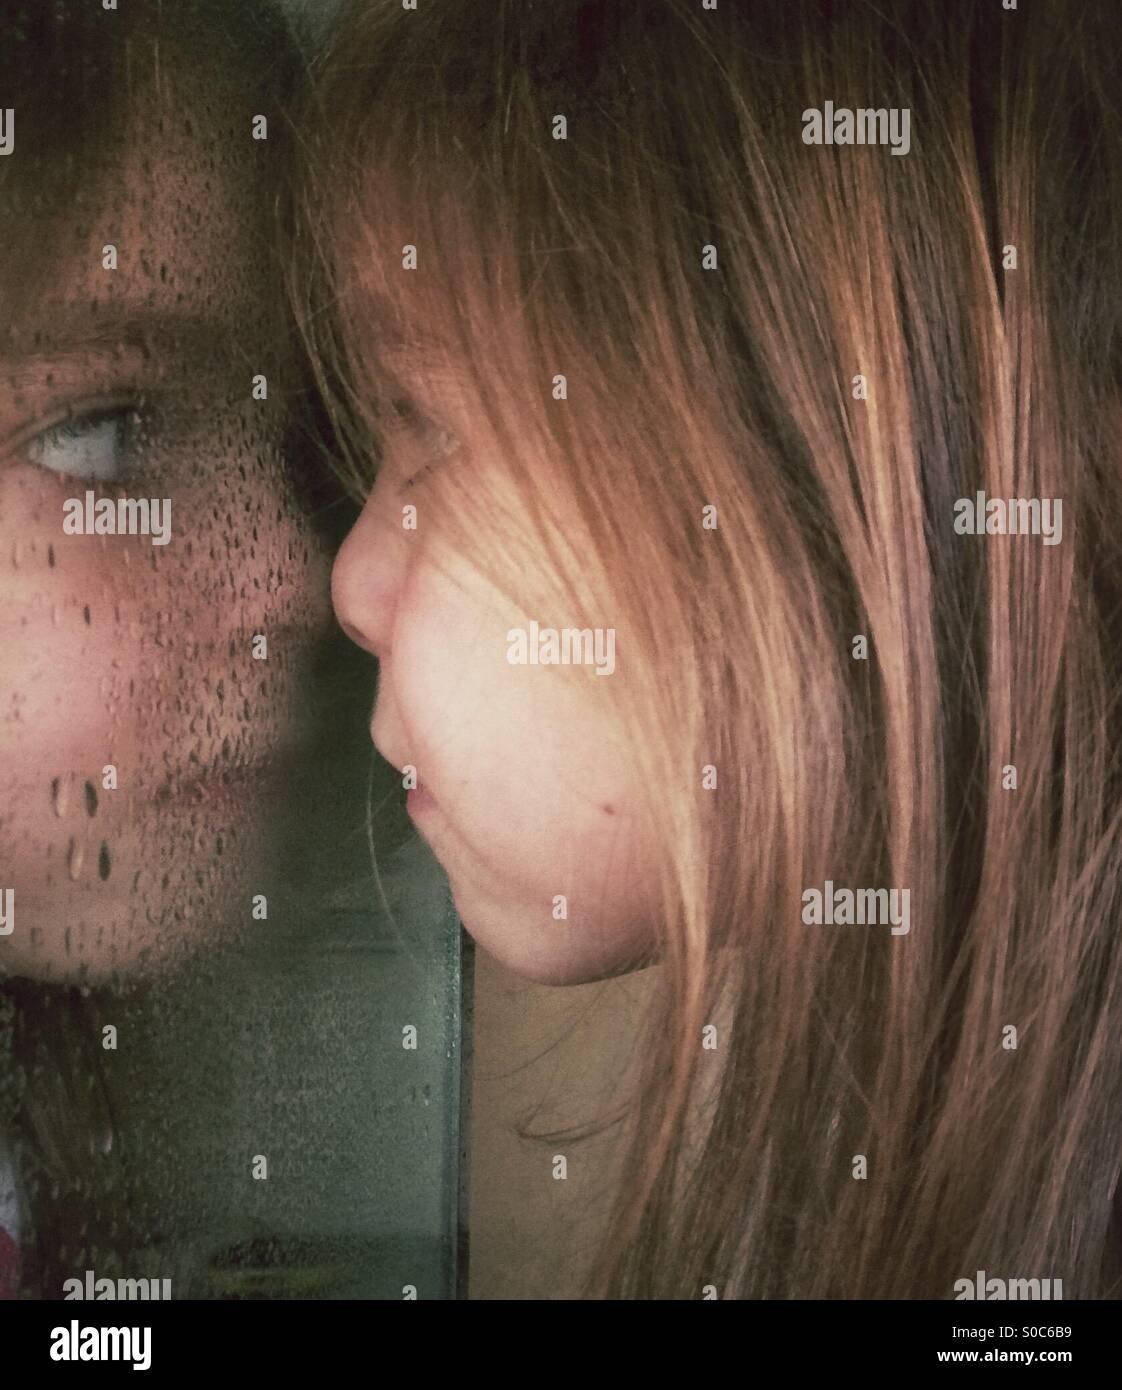 Girl en appuyant sur son nez à l'eau miroir de salle de bains Photo Stock